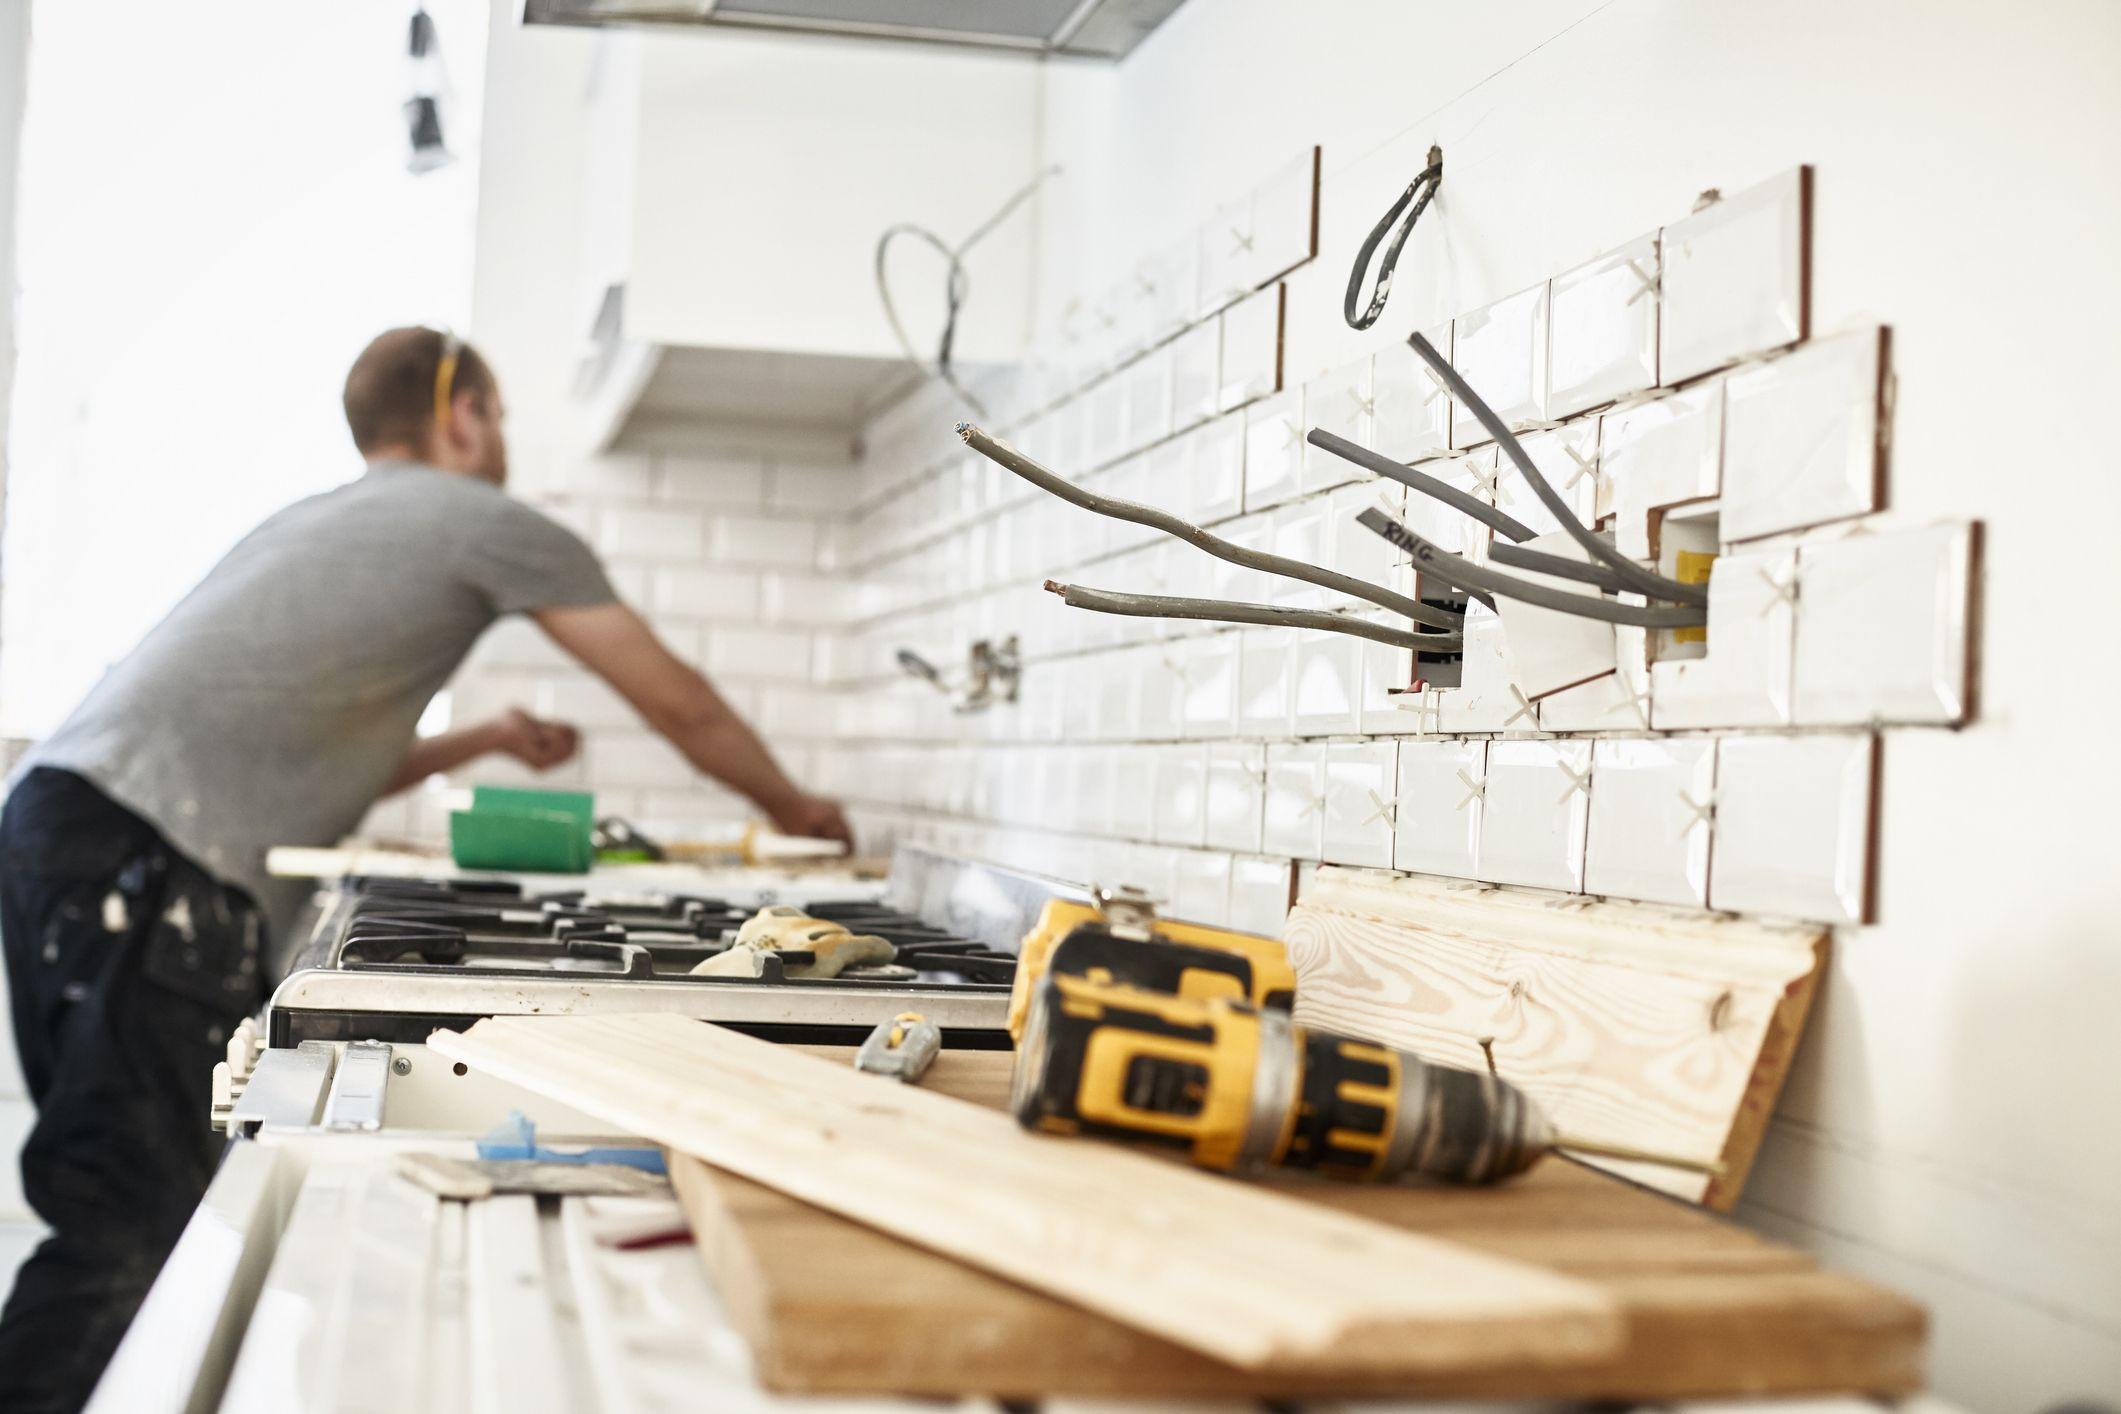 Gletuire și finisare pereți și tavane, aplicare amorsă specială și lavabilă